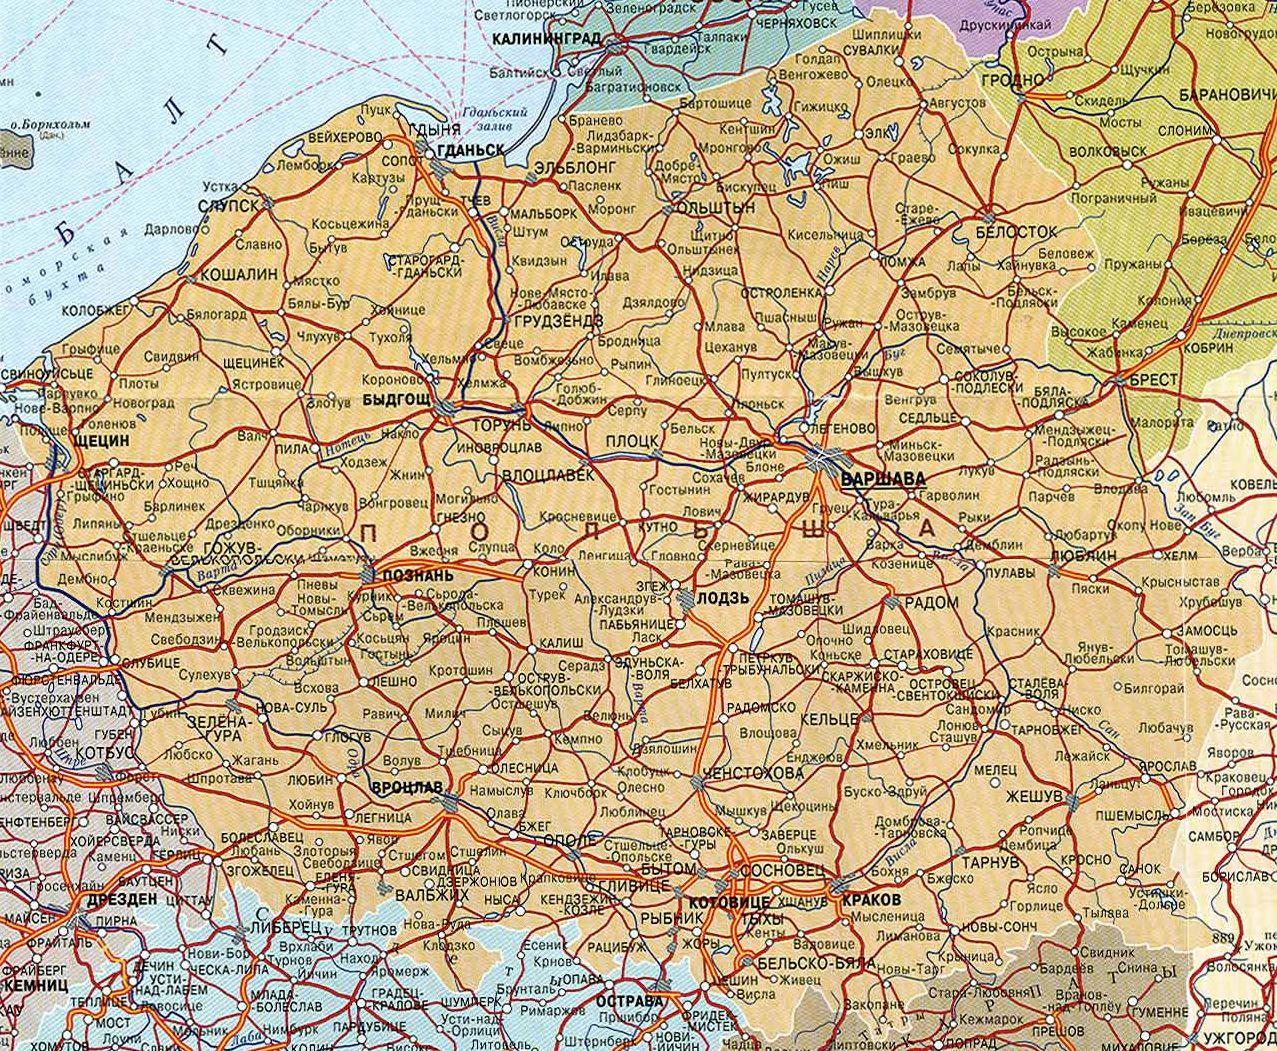 Подробная карта европы